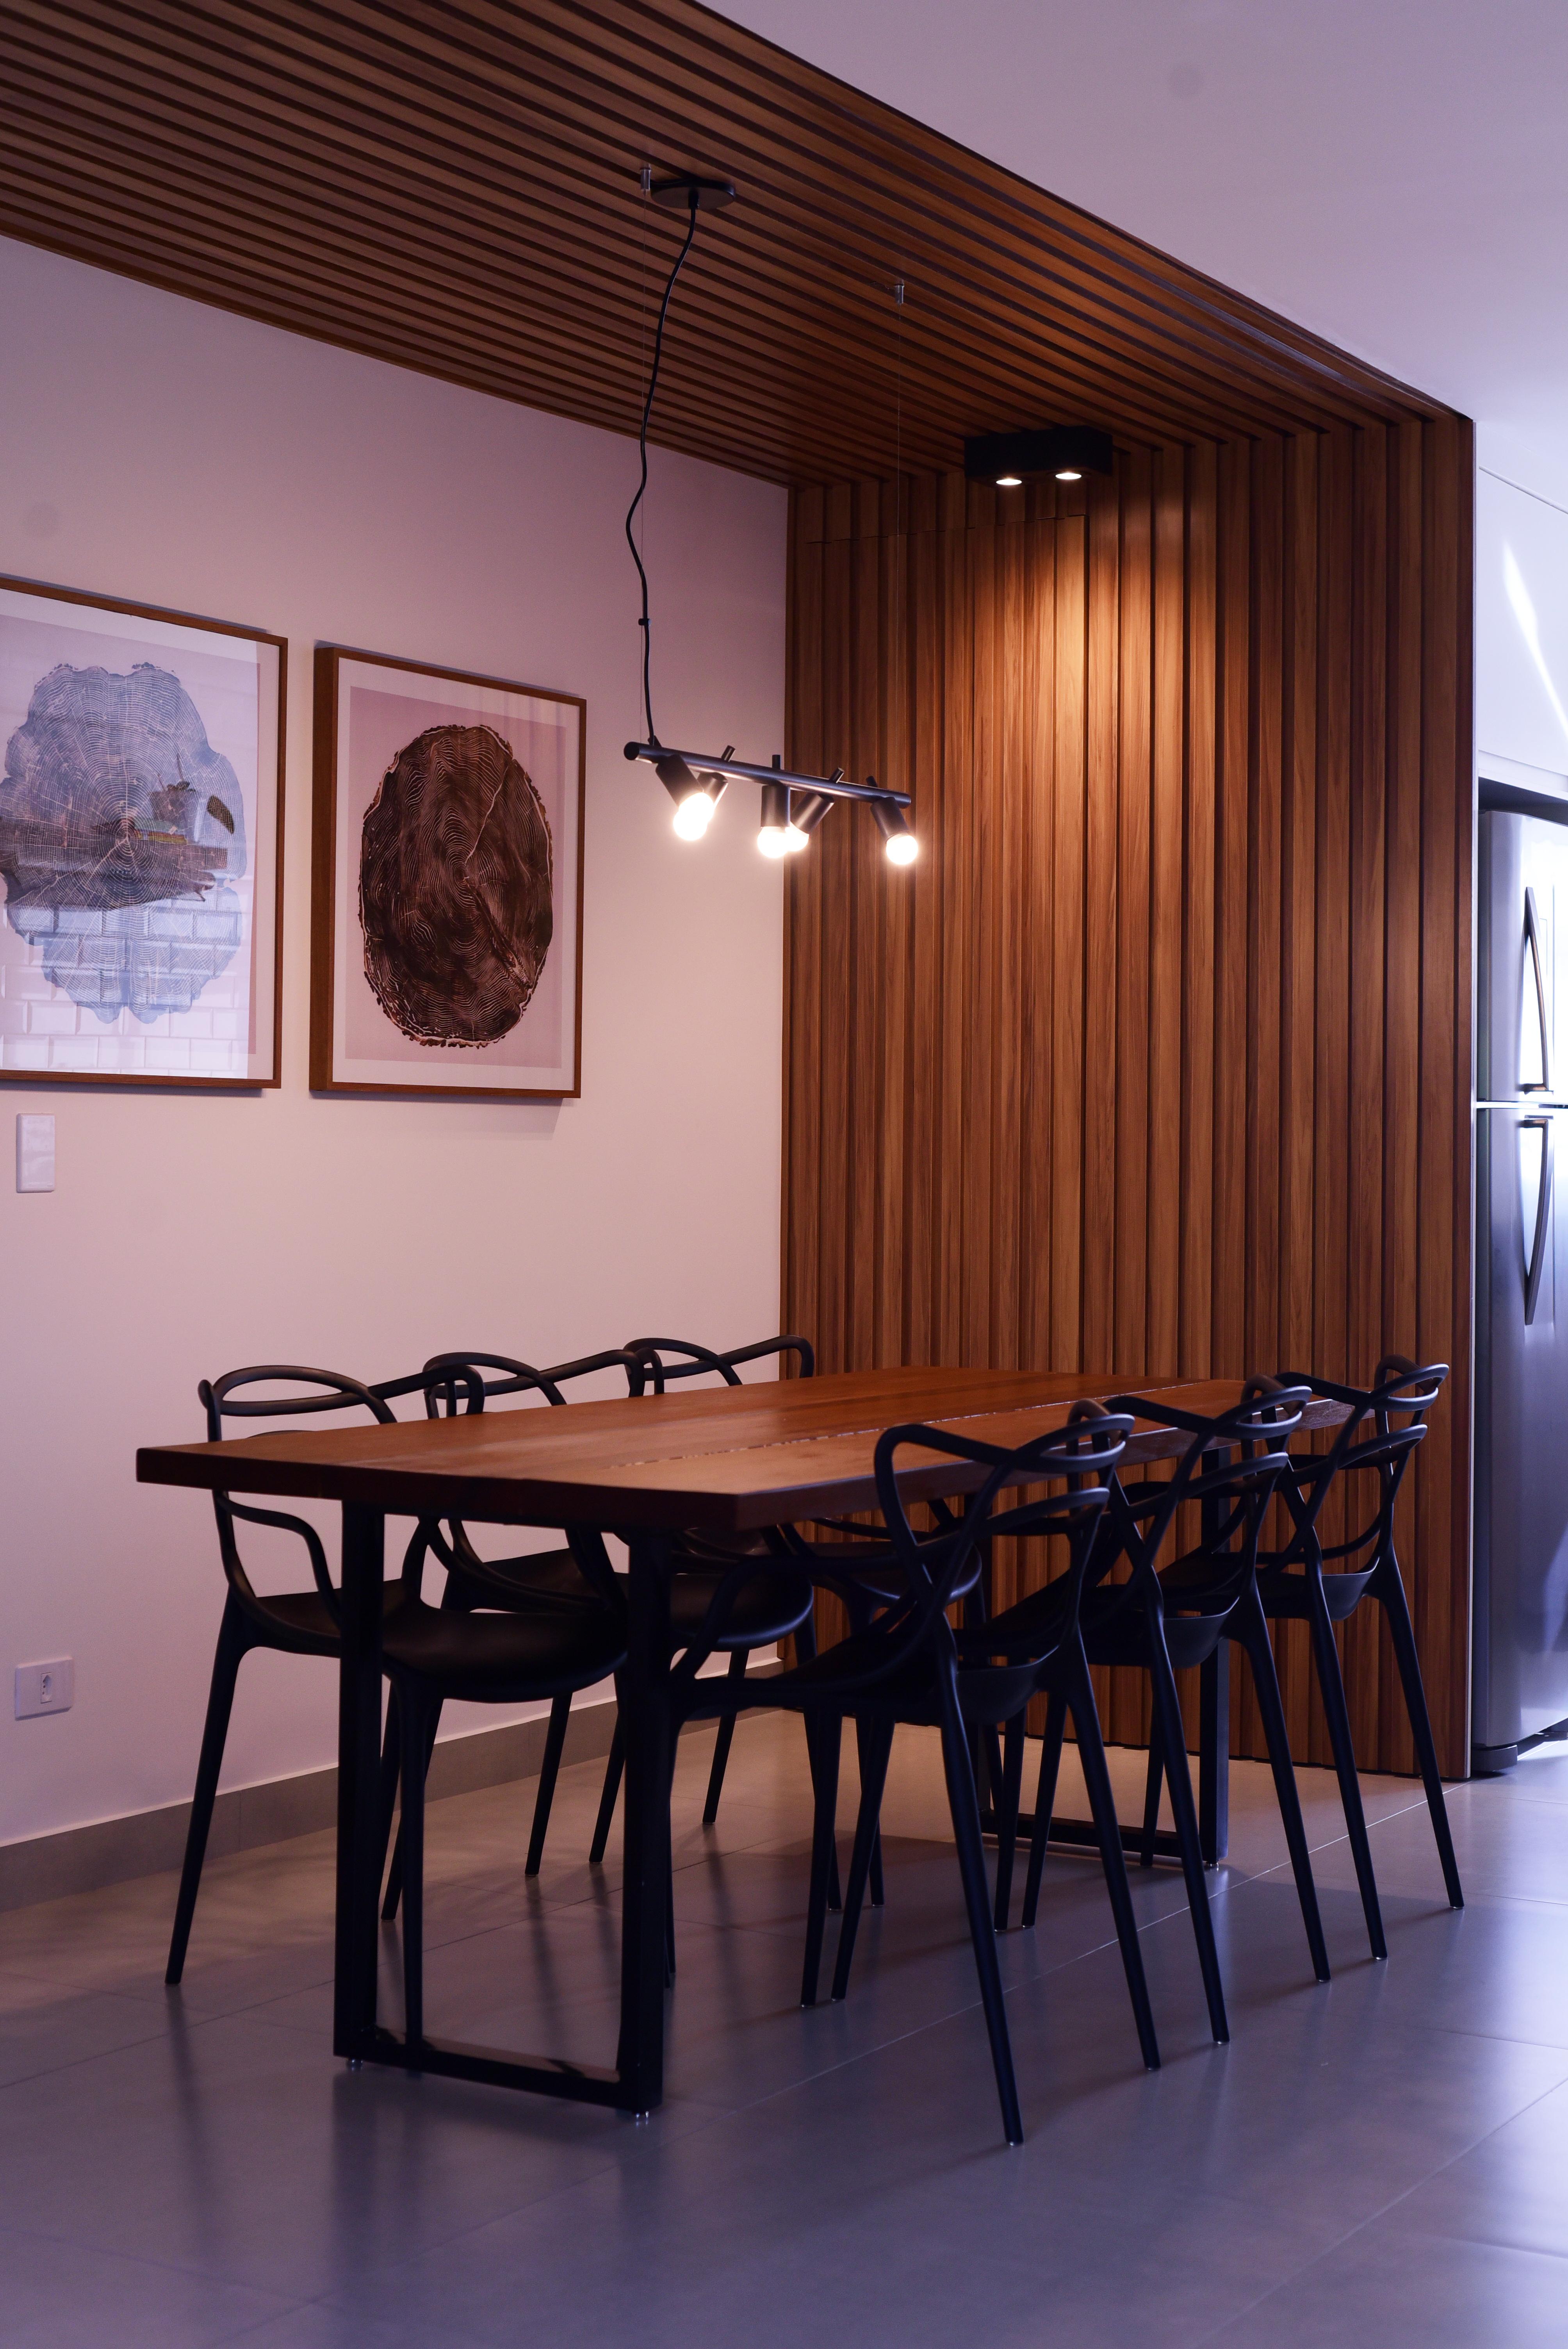 Projeto de design para reforma de apartamento moderno em Curitiba - Estudio Murilo Zadulski Interiores - Projeto sala de jantar moderna minimalista 0002